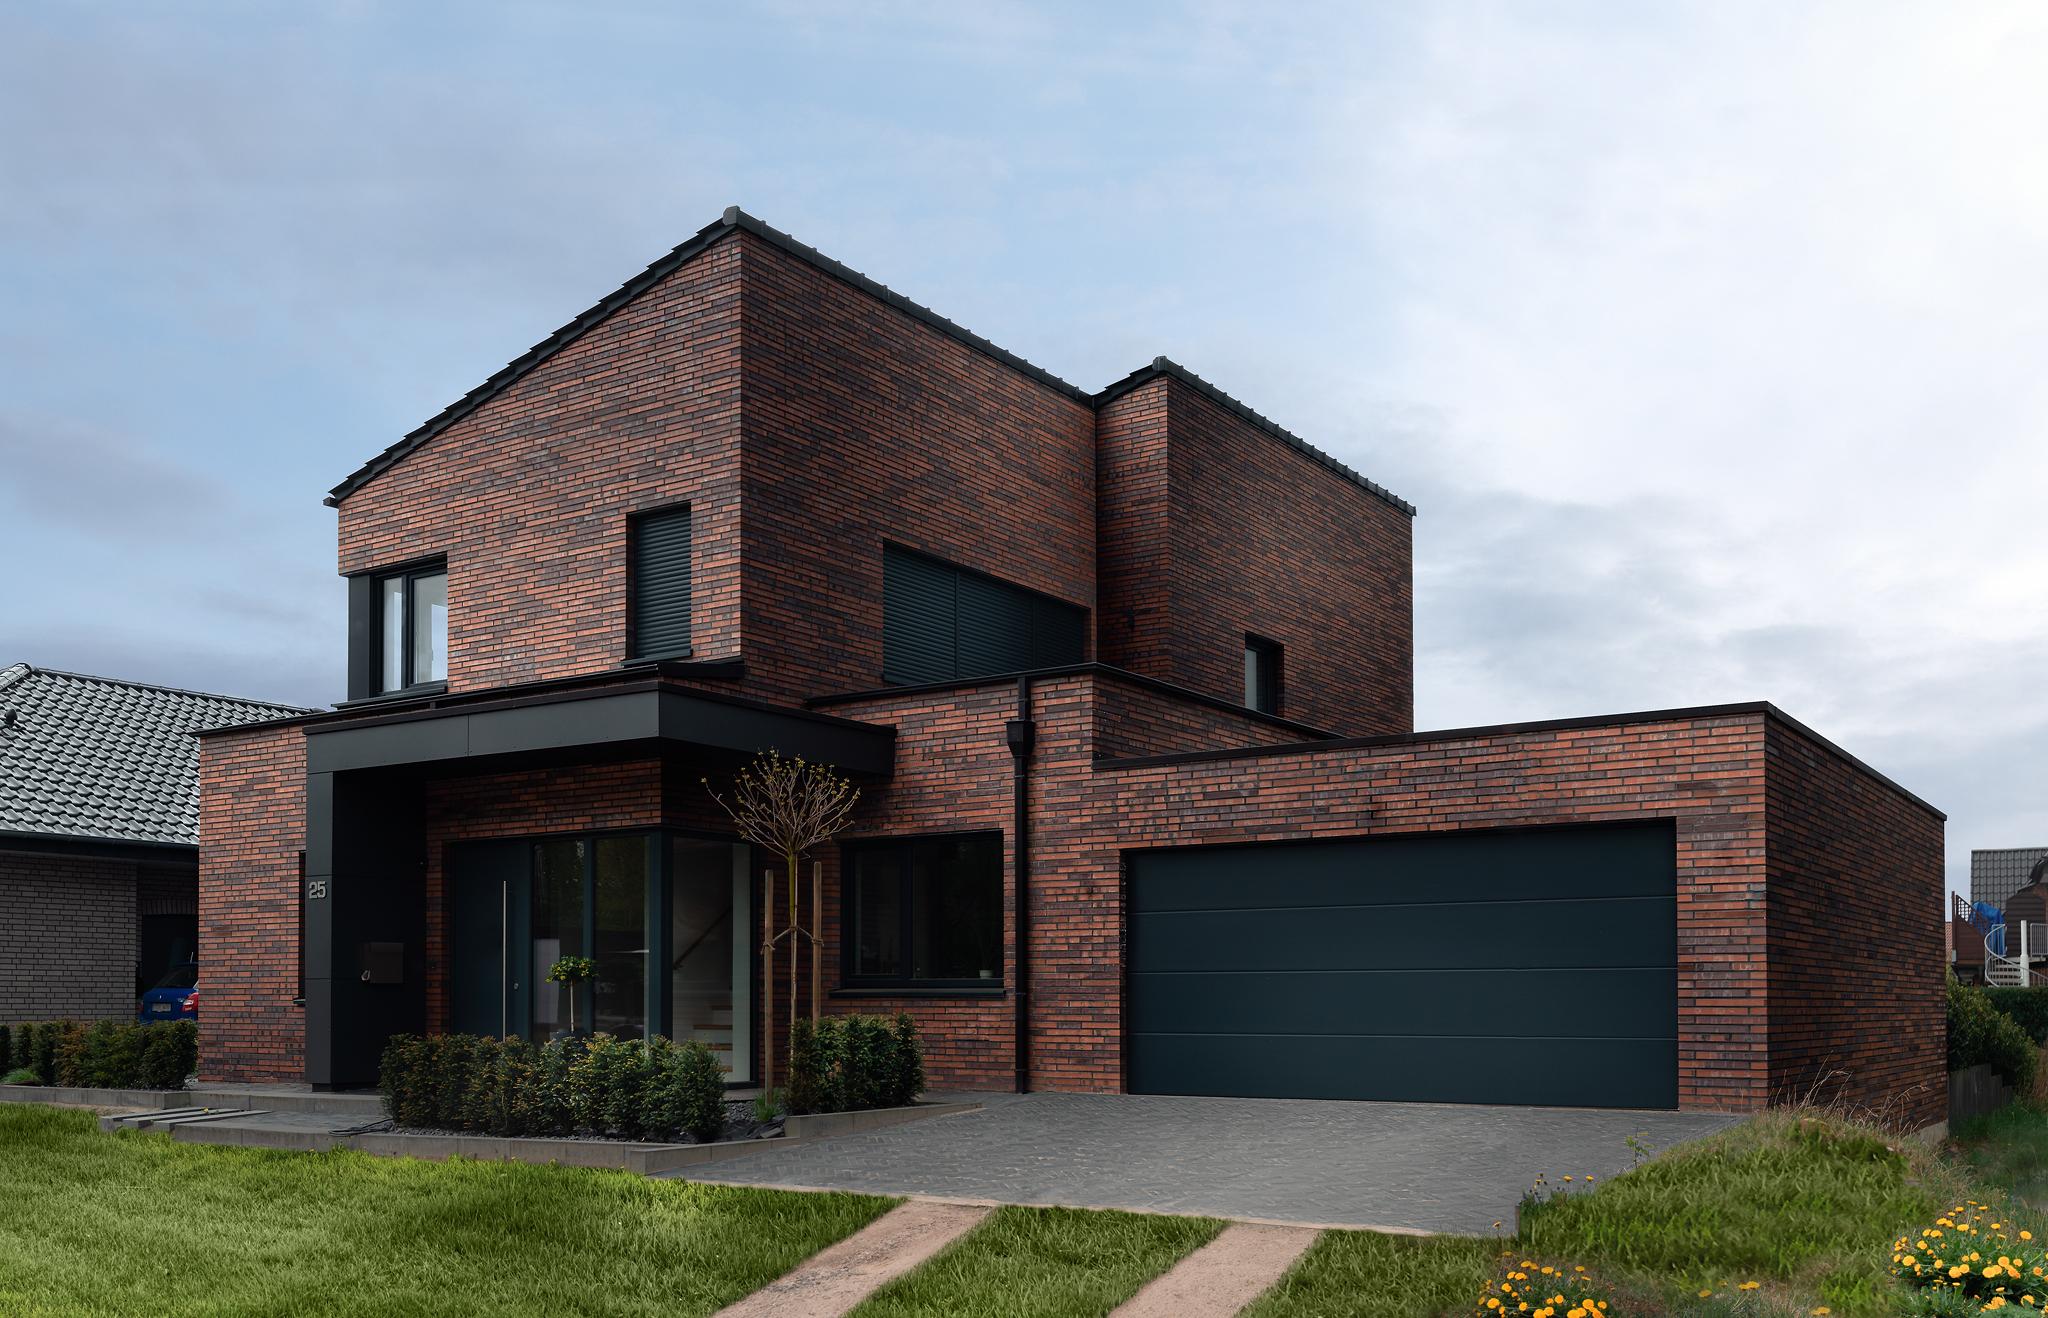 Einfamilienhaus, Außenfassade der ABC Klinkergruppe